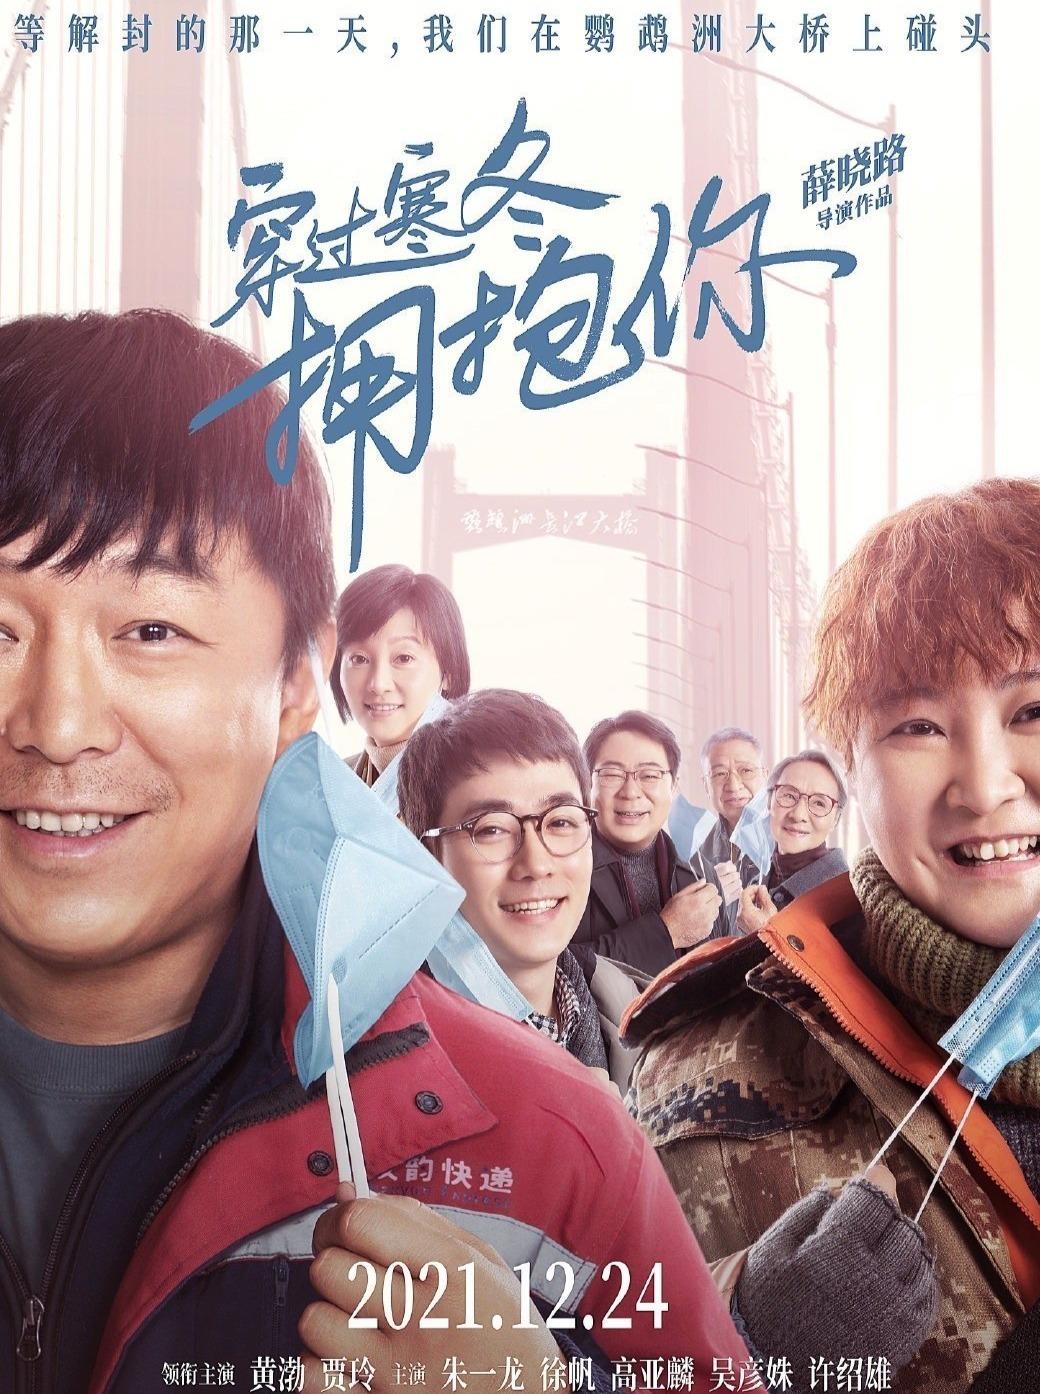 黄渤贾玲首度合作!电影《穿过寒冬拥抱你》定档12月24